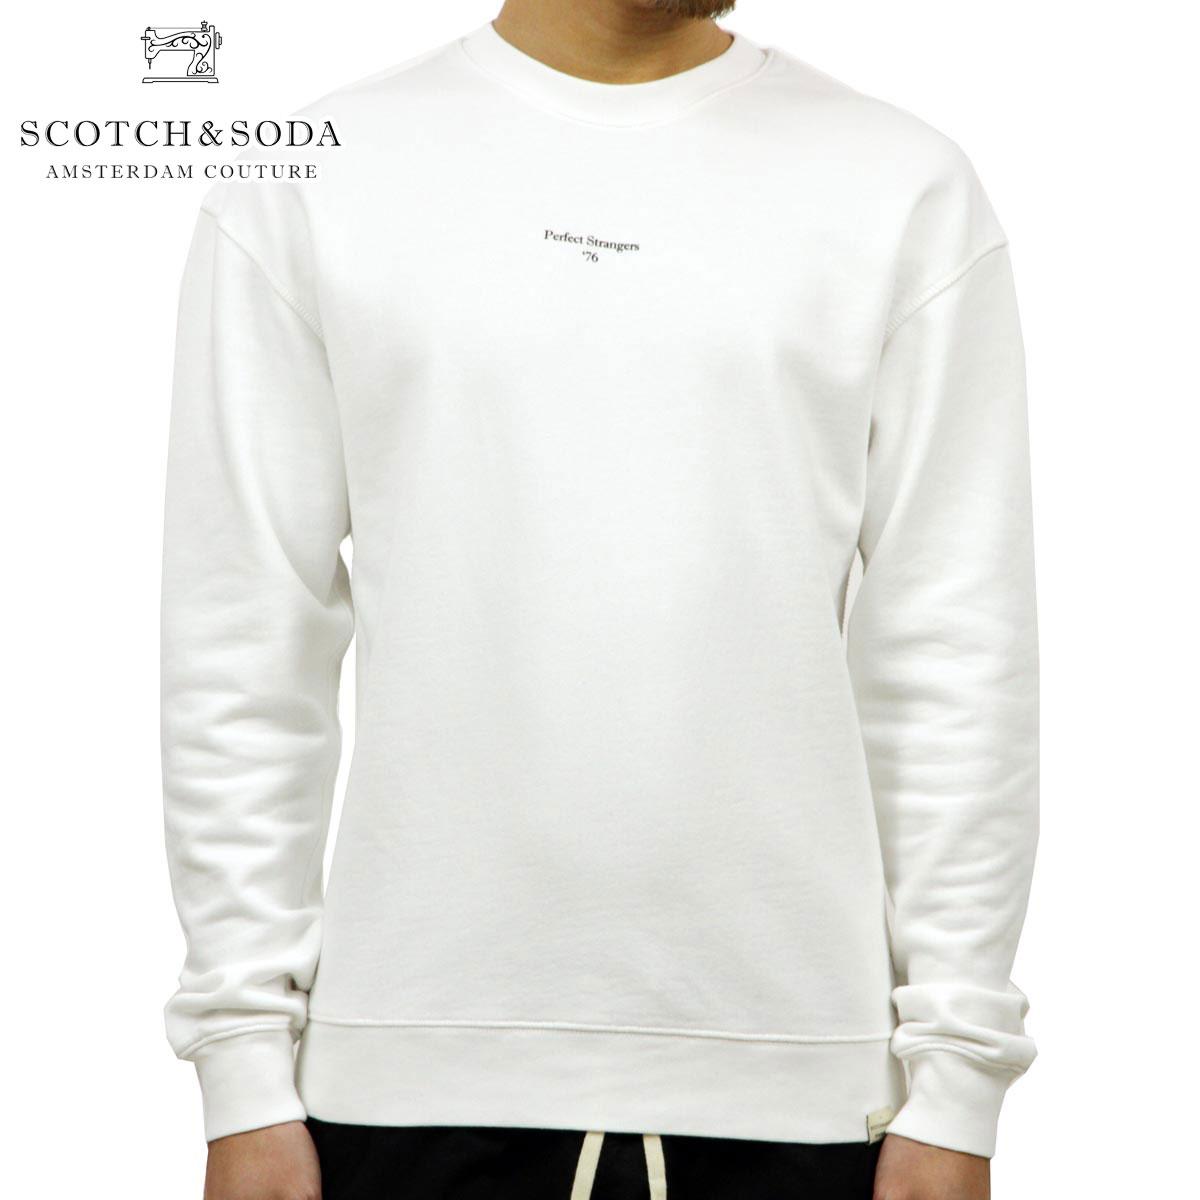 スコッチアンドソーダ SCOTCH&SODA 正規販売店 メンズ 無地 スウェット ORGANIC COTTON FELPA LOOSE FIT CREWNECK SWEAT 148722 0006 WHITE